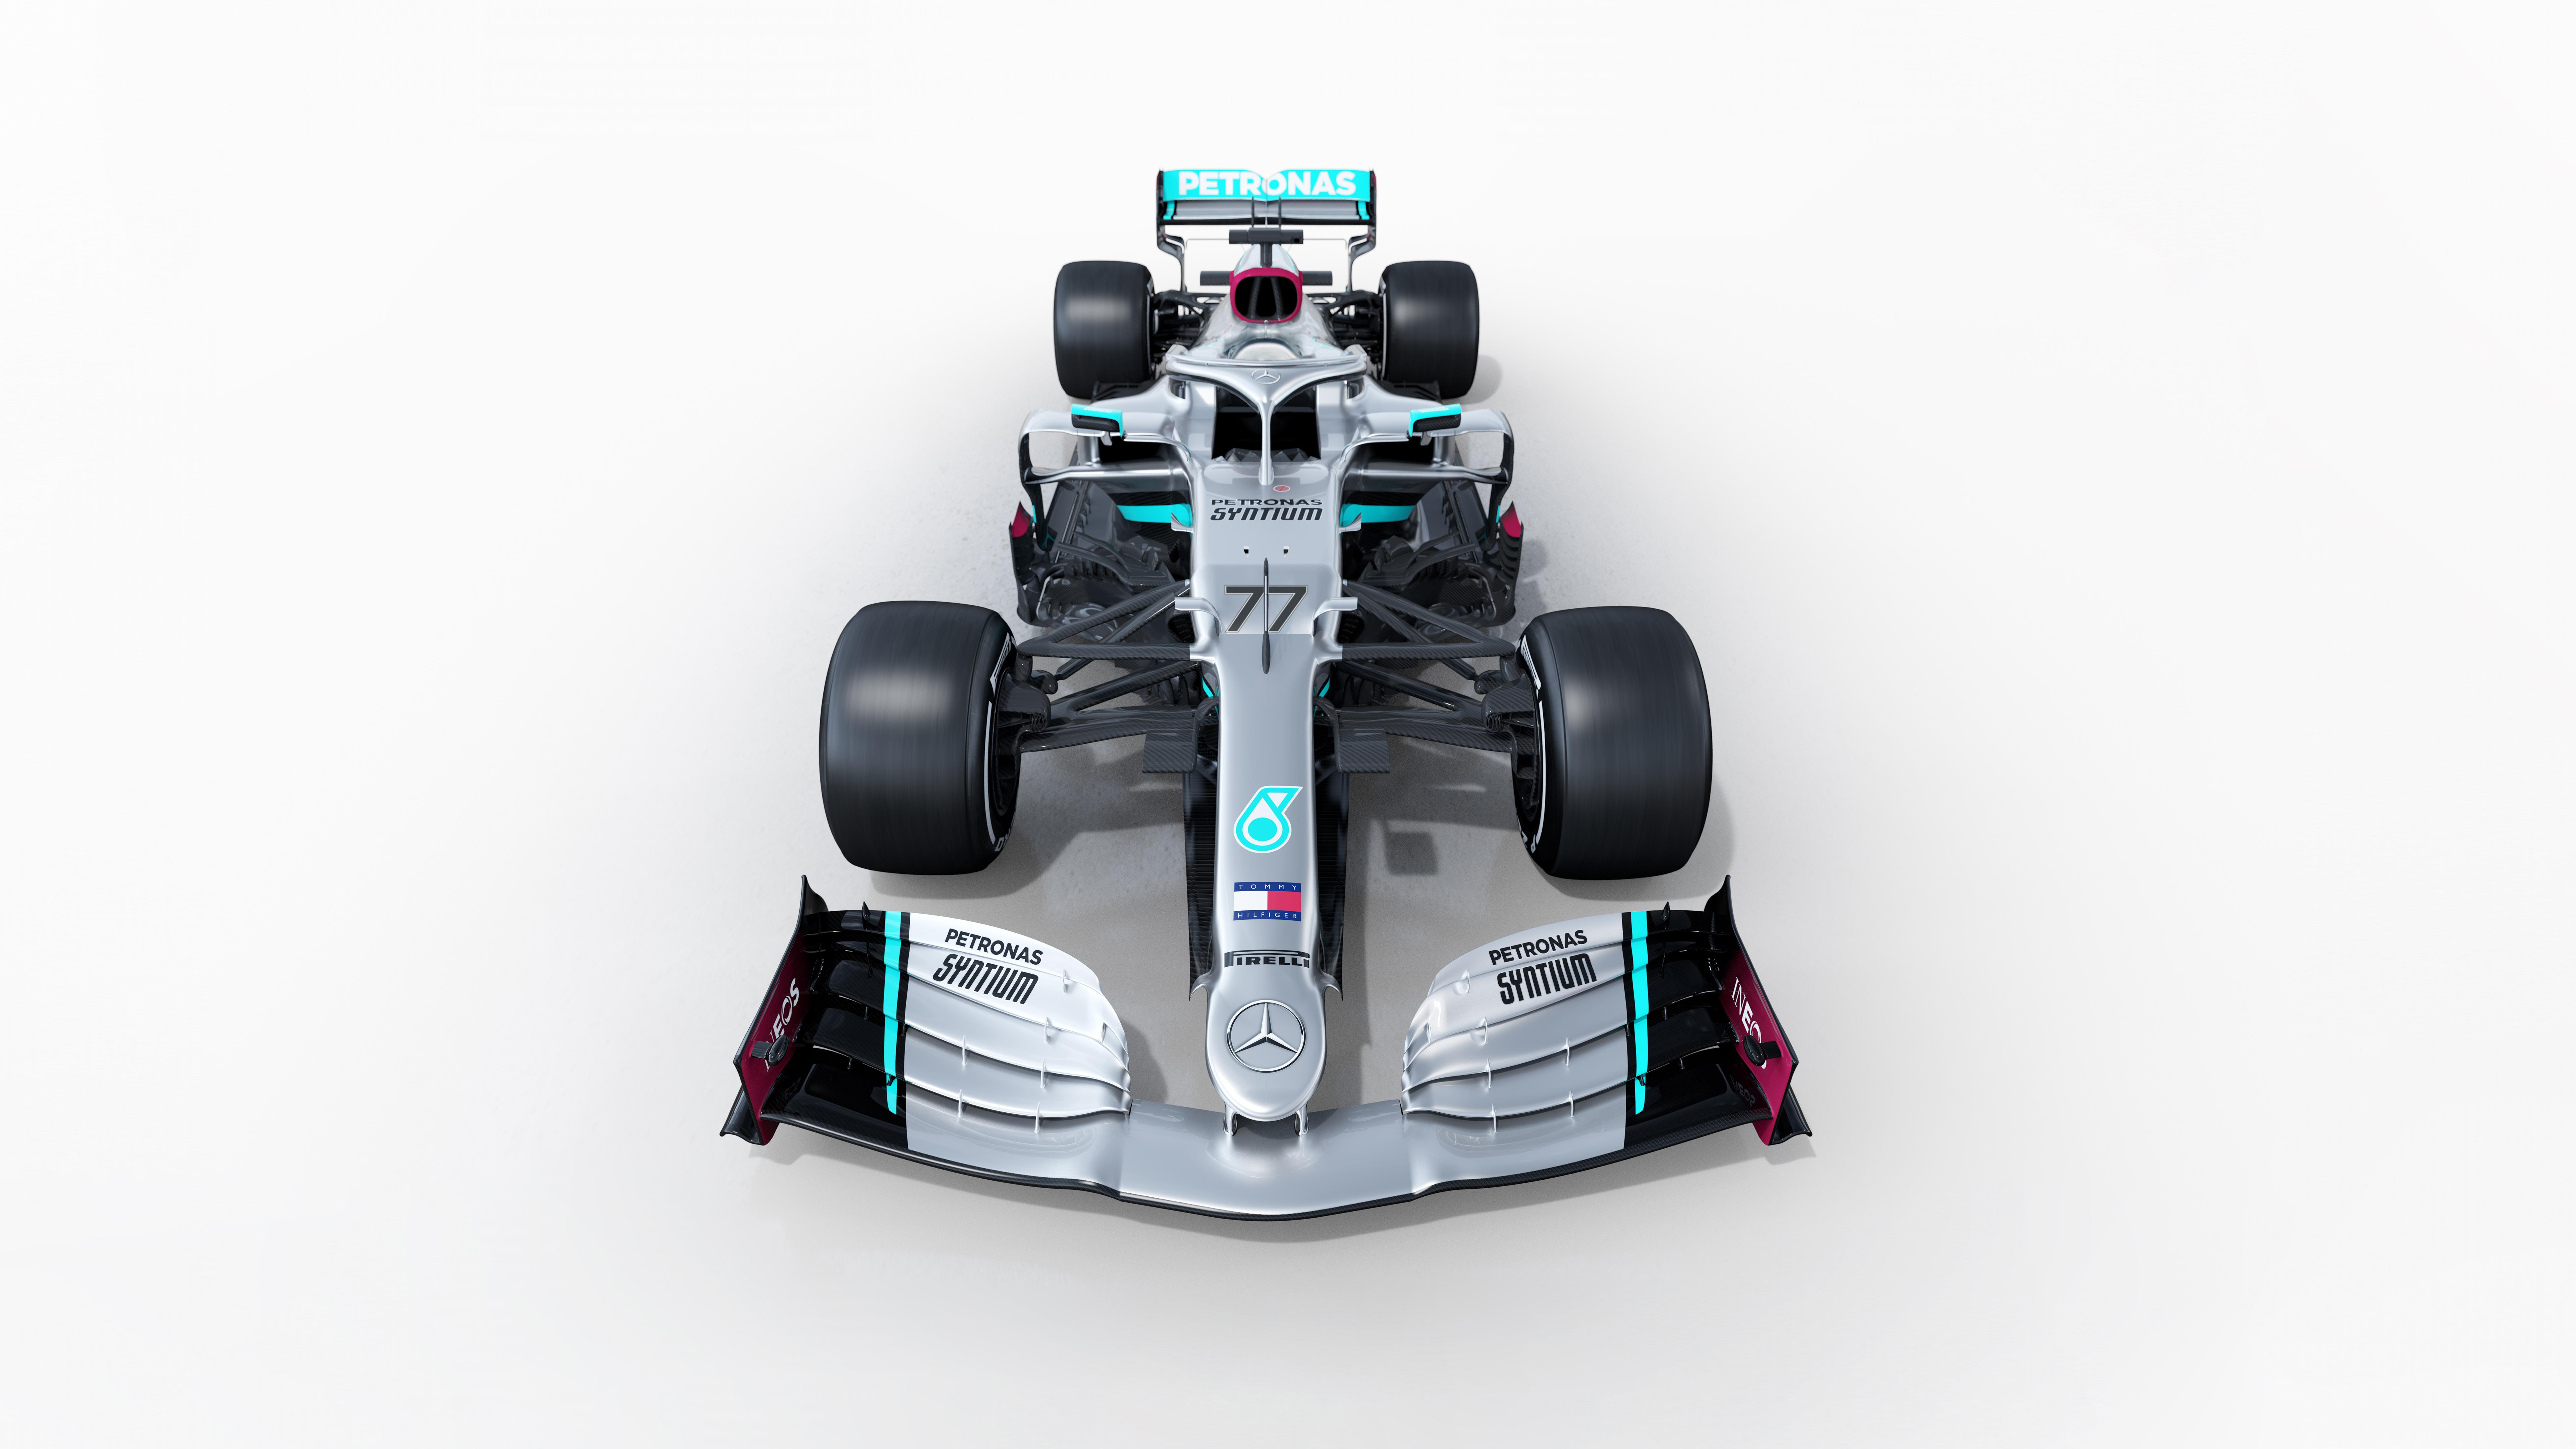 Mercedes AMG F1 W11 EQ Performance 2020 4K 8K Wallpaper HD Car 7680x4320